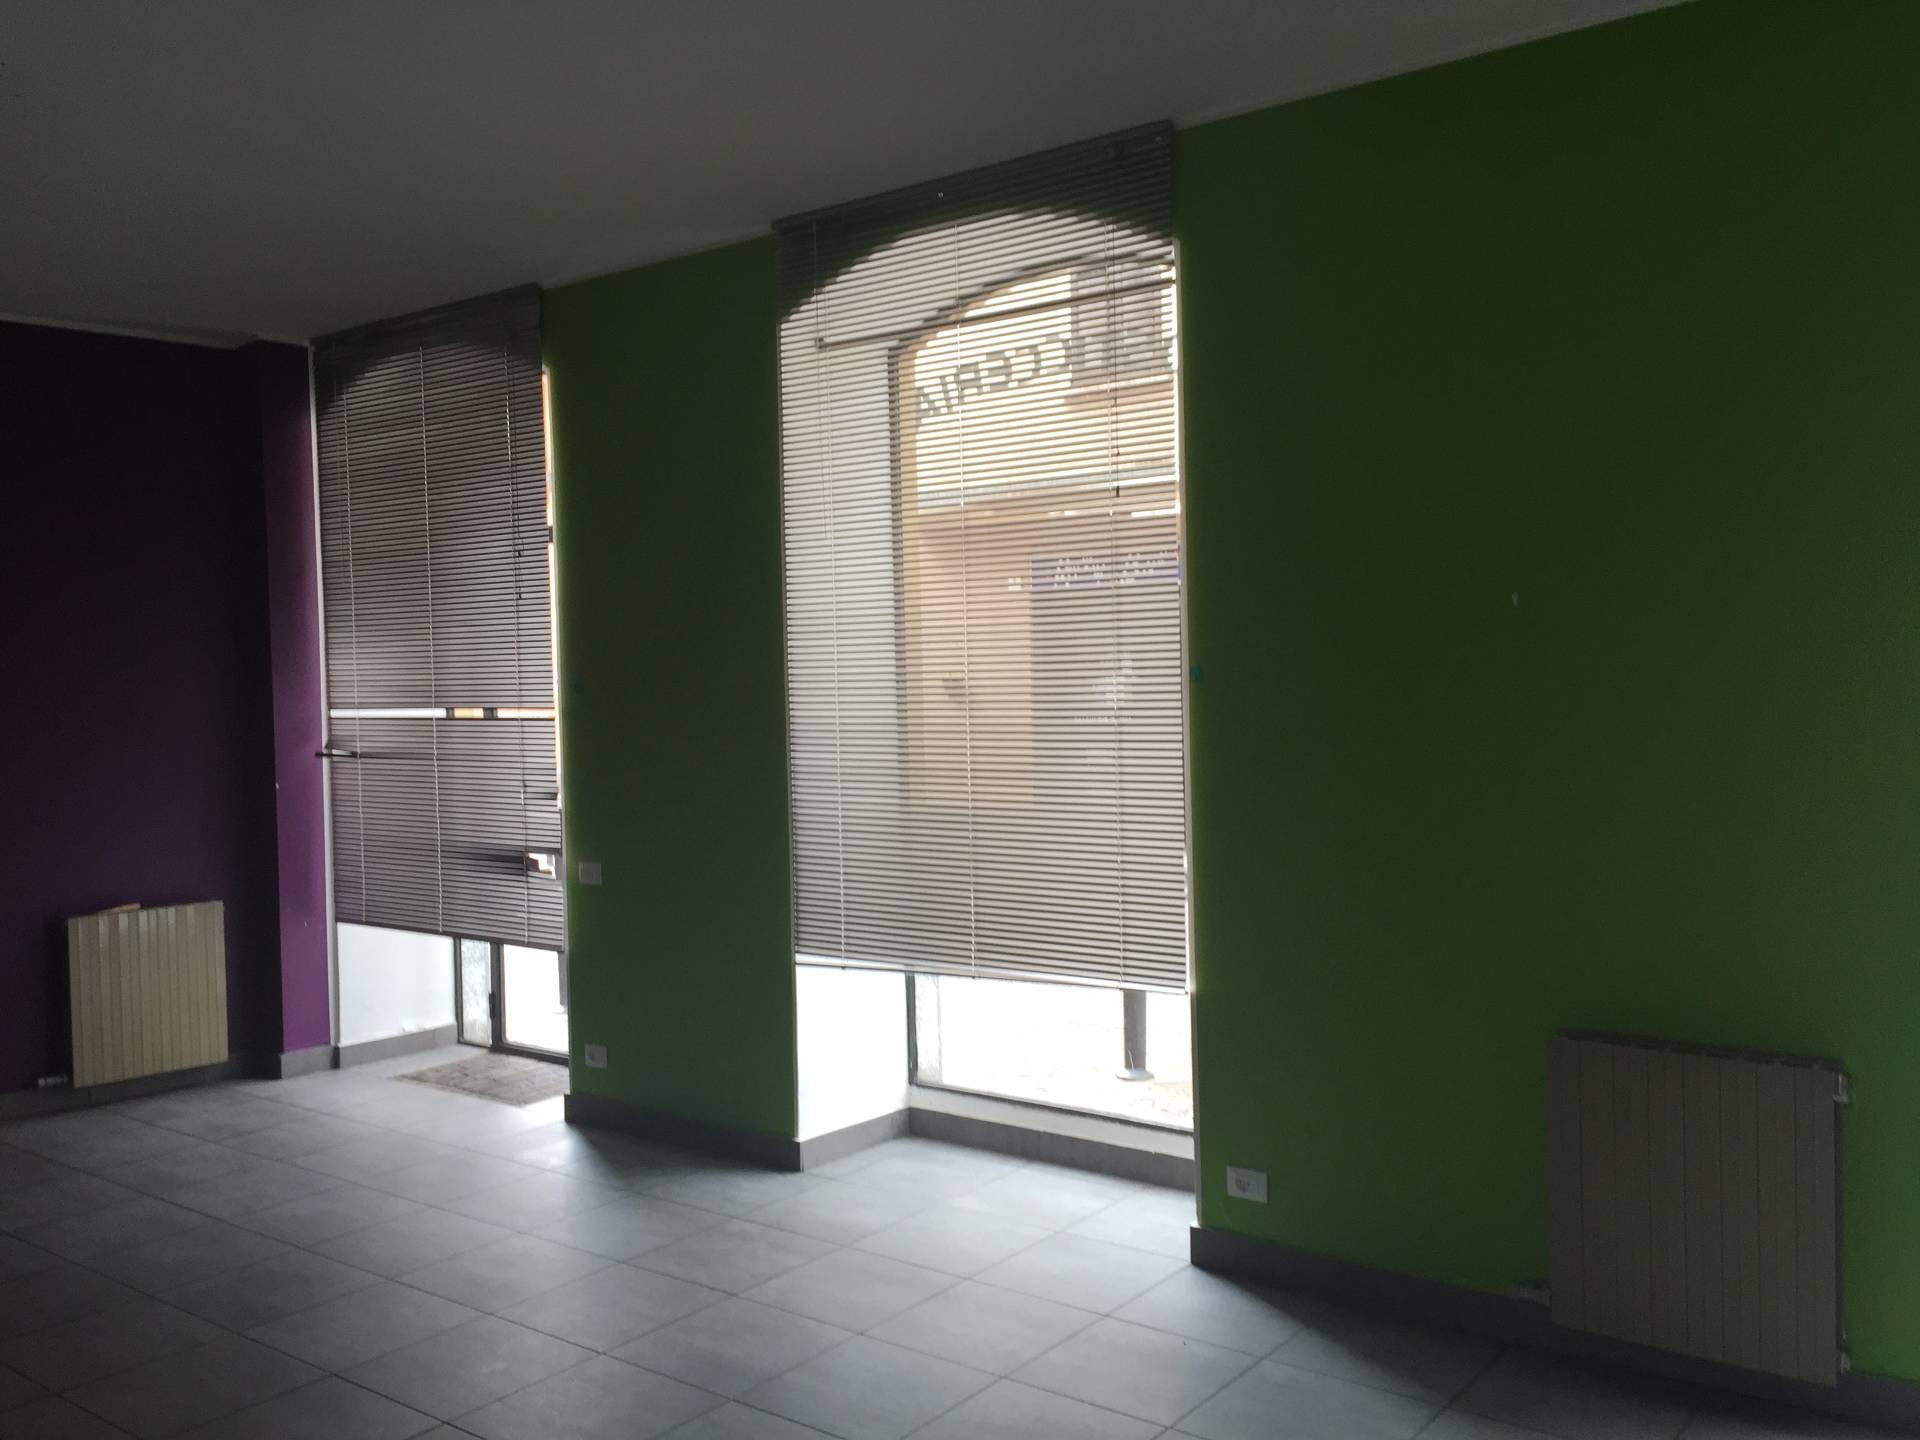 Negozio / Locale in affitto a Canzo, 9999 locali, prezzo € 650 | Cambio Casa.it